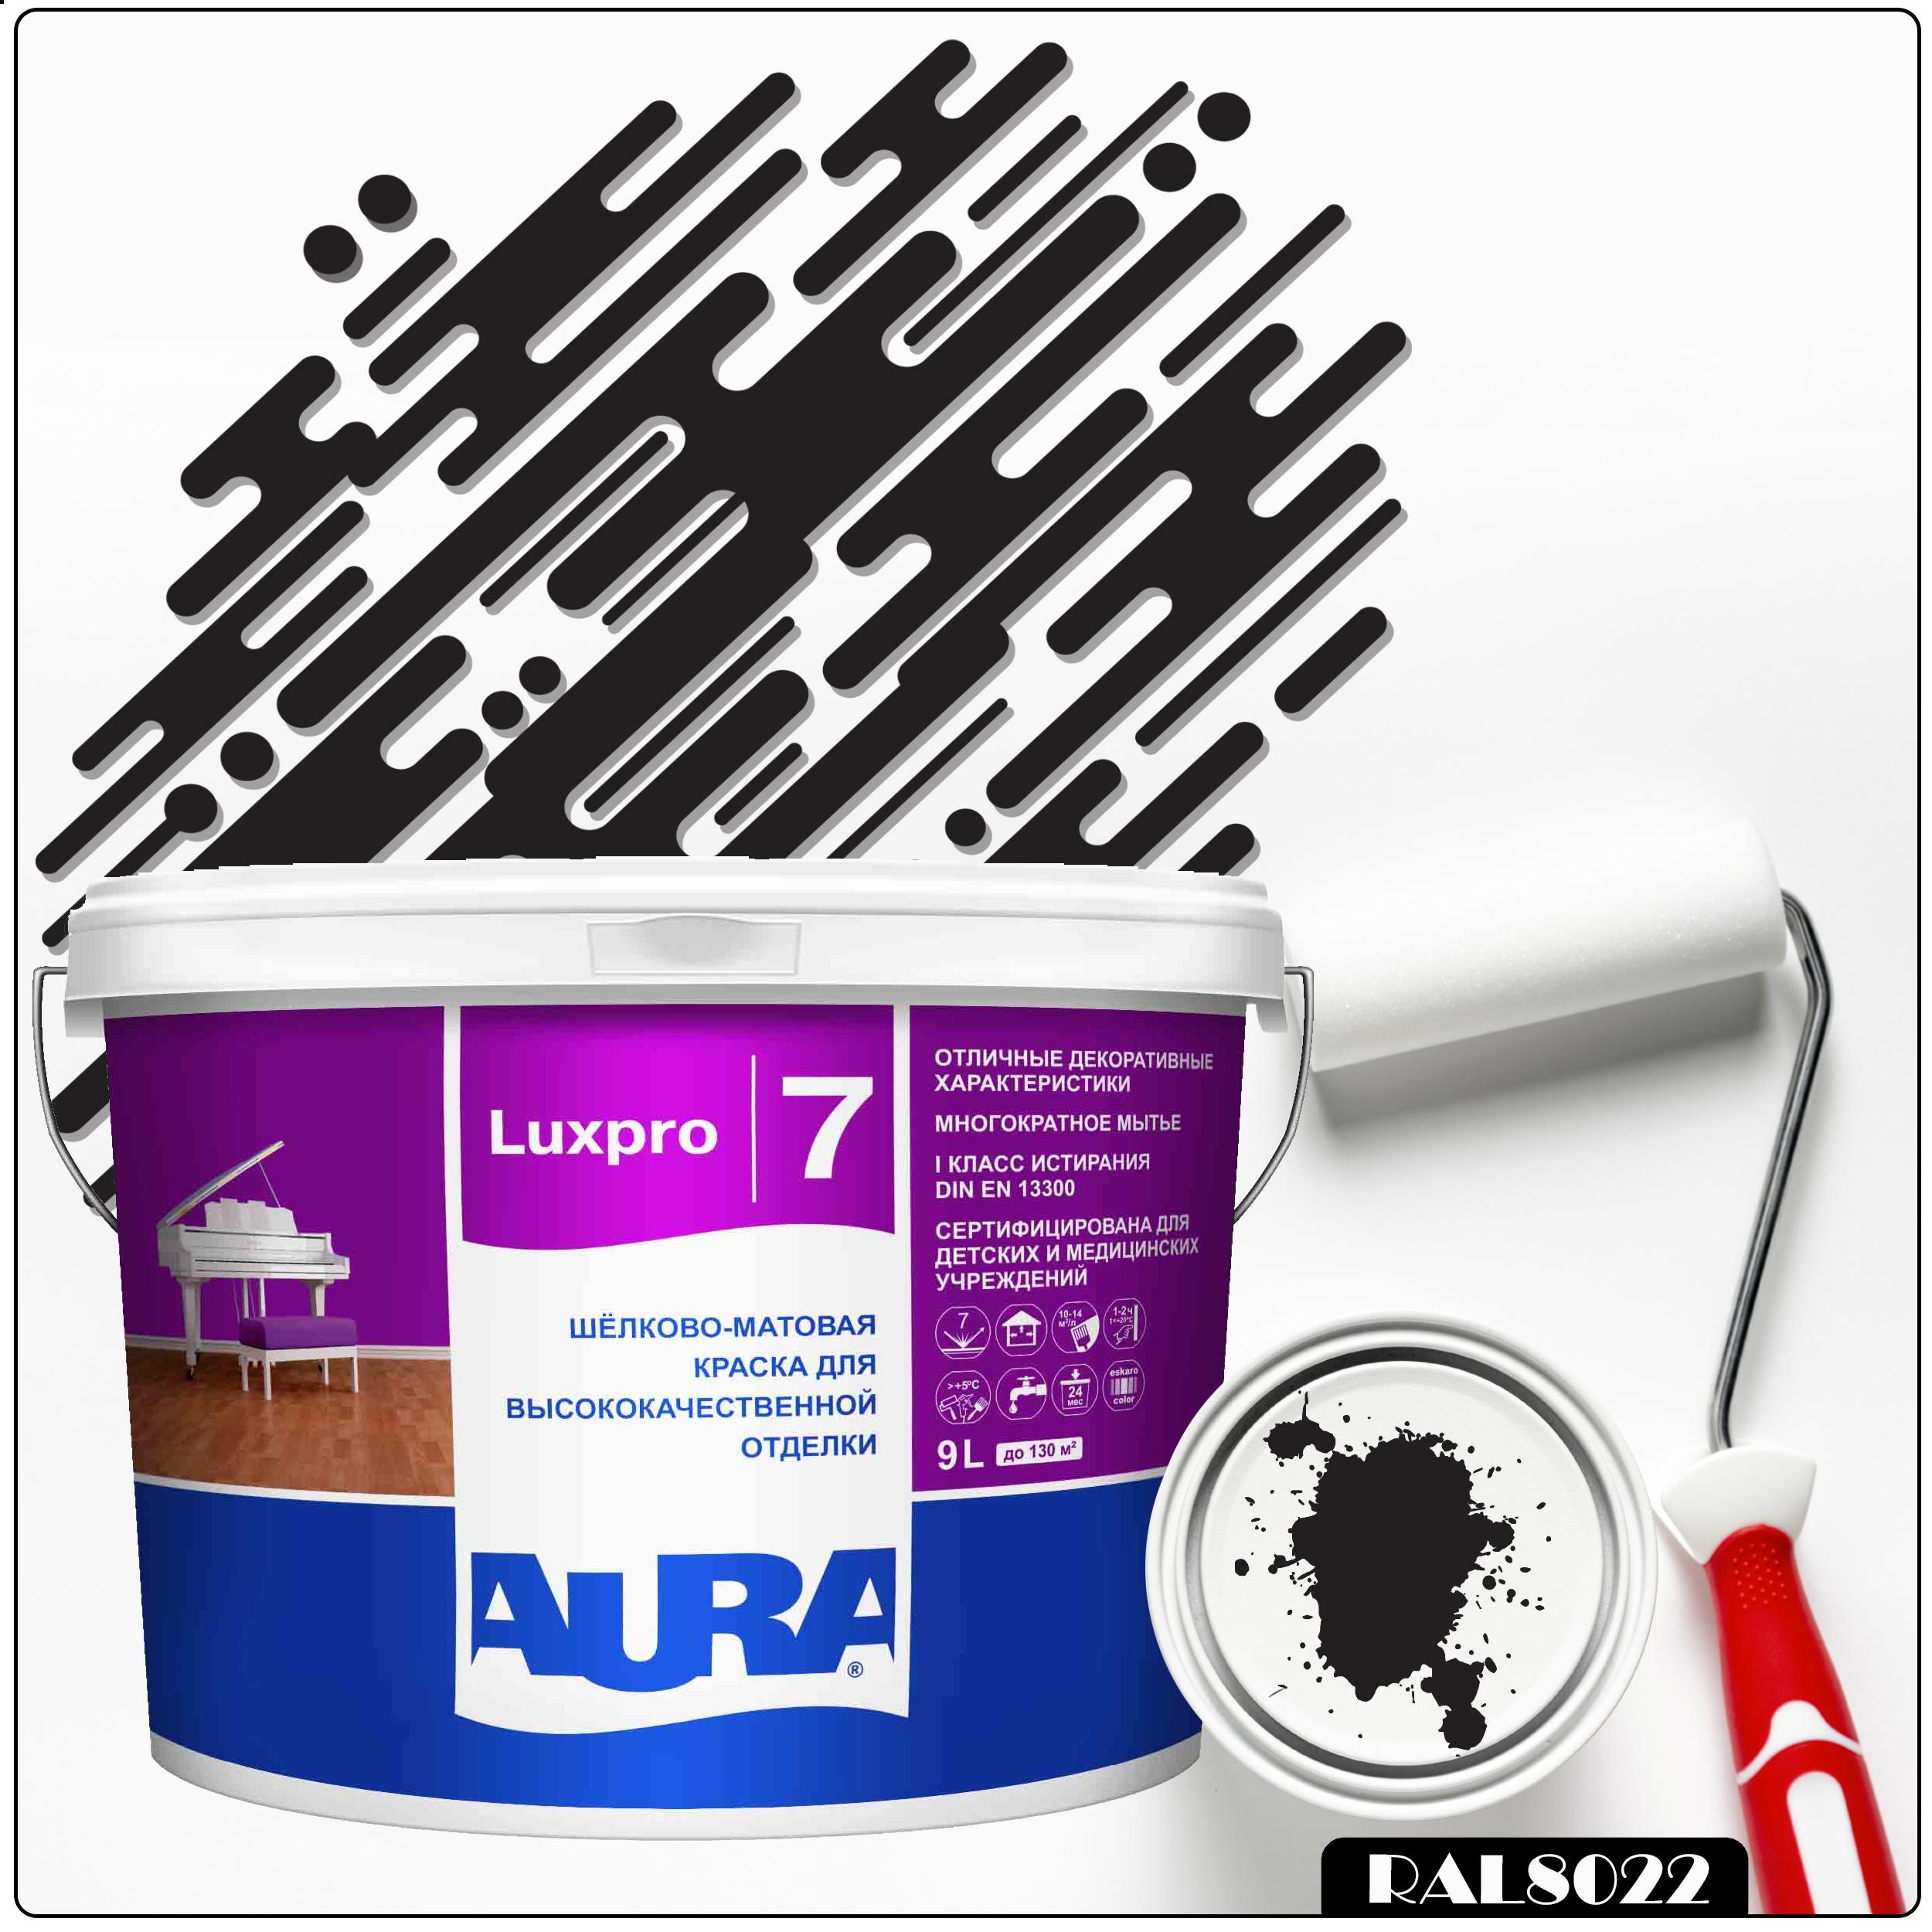 Фото 15 - Краска Aura LuxPRO 7, RAL 8022 Чёрно-коричневый, латексная, шелково-матовая, интерьерная, 9л, Аура.